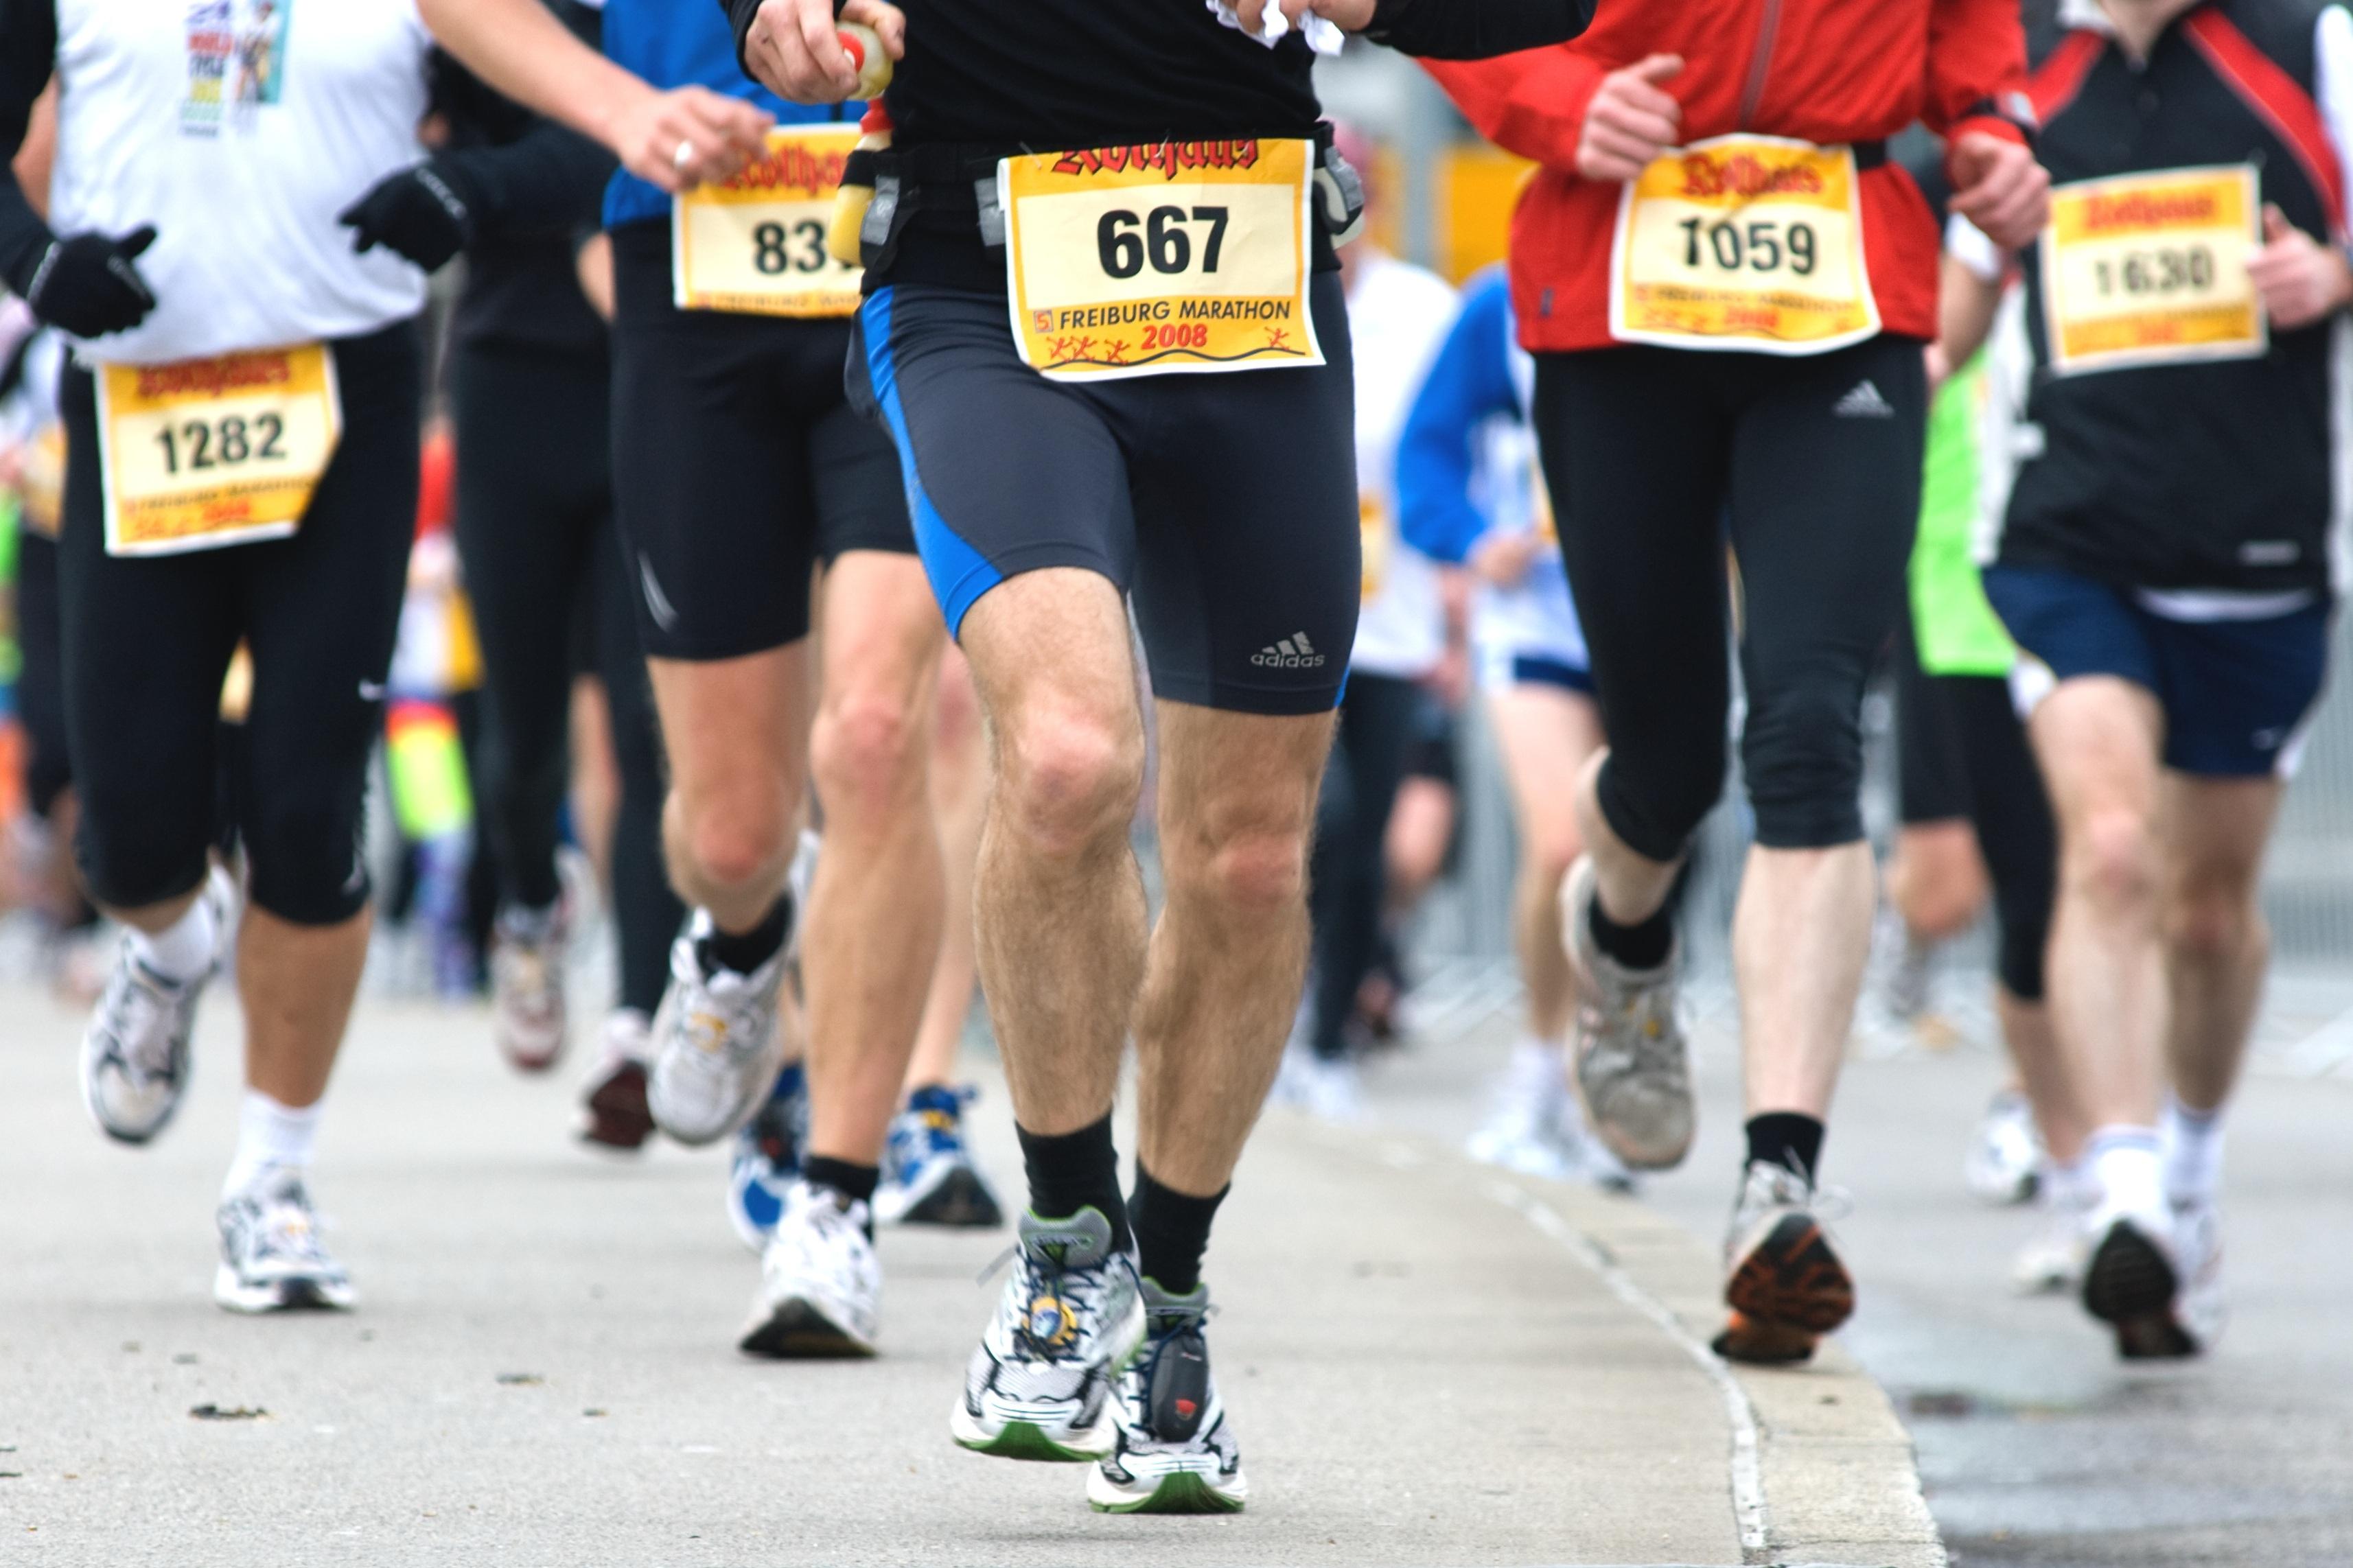 register-for-marathon